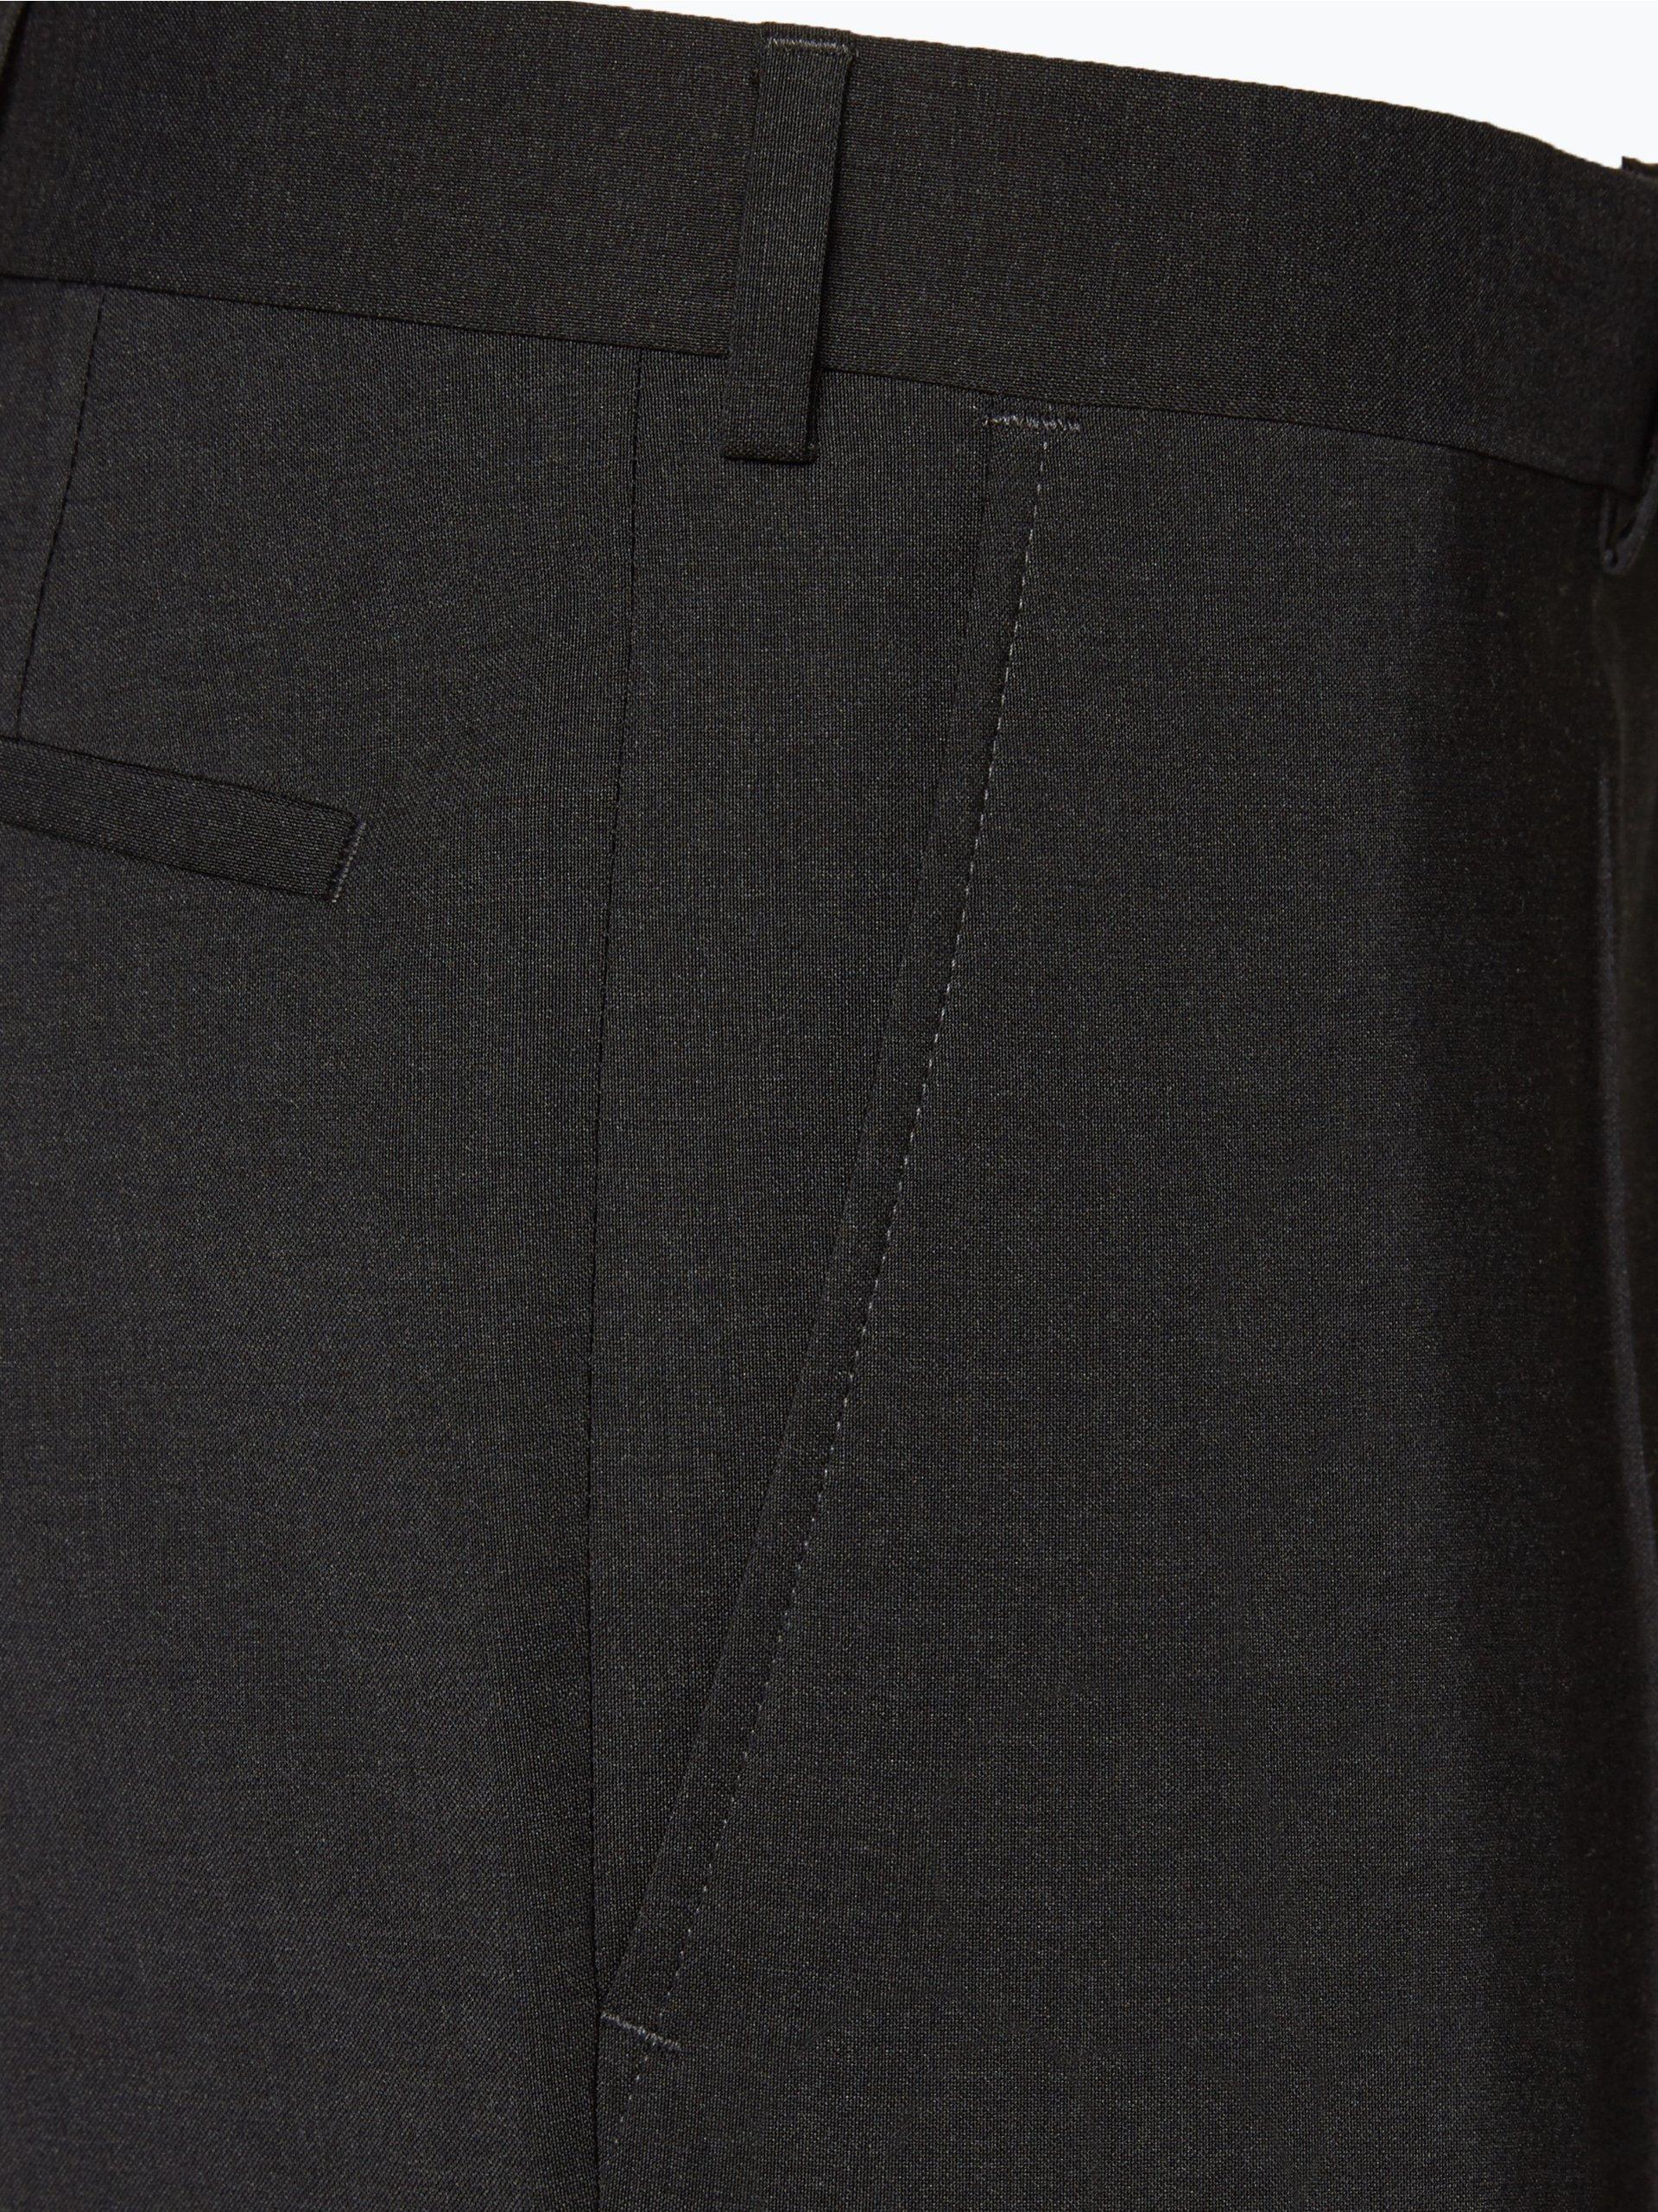 Eduard Dressler Męskie spodnie od garnituru modułowego – Sirius